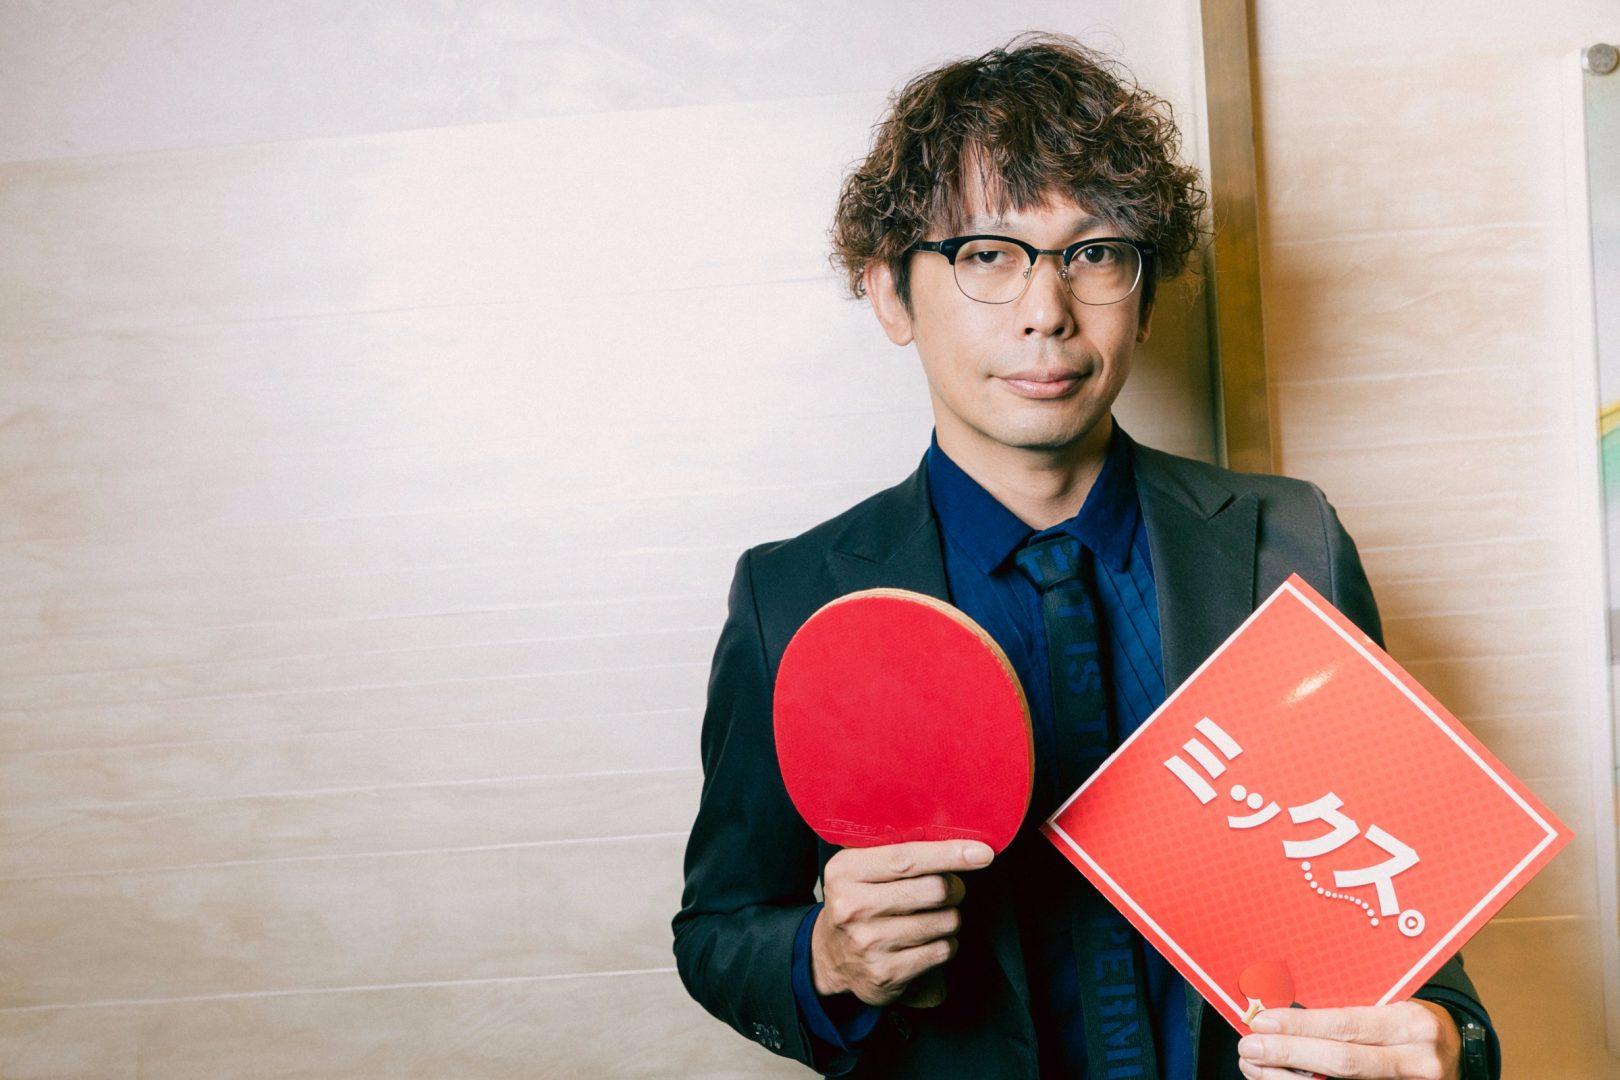 【前編】「もはや卓球はマイナースポーツではない」映画『ミックス。』石川淳一監督の想い